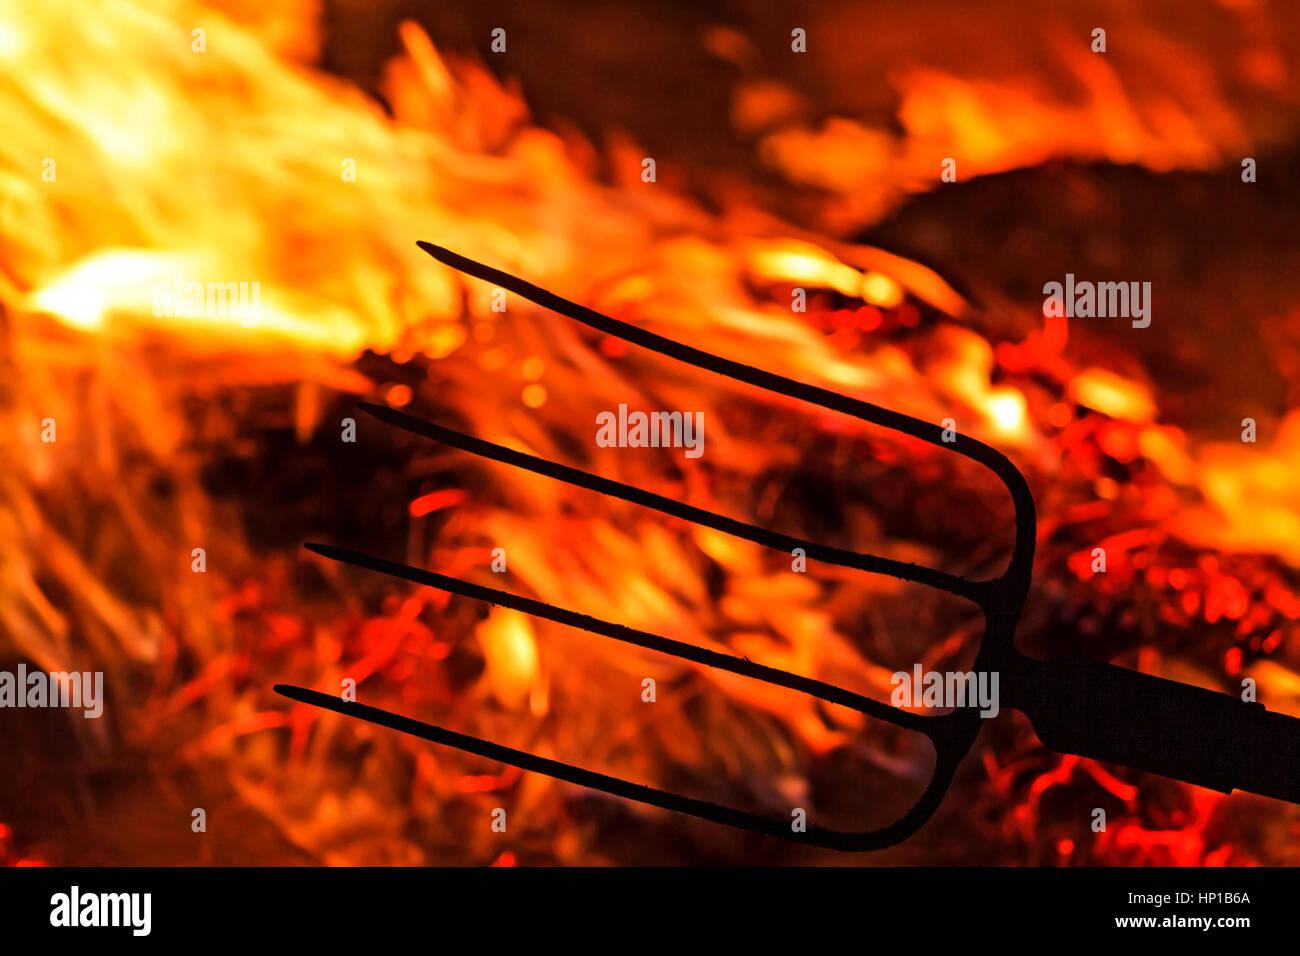 Horquilla en las llamas de la revolución, conflicto, guerra